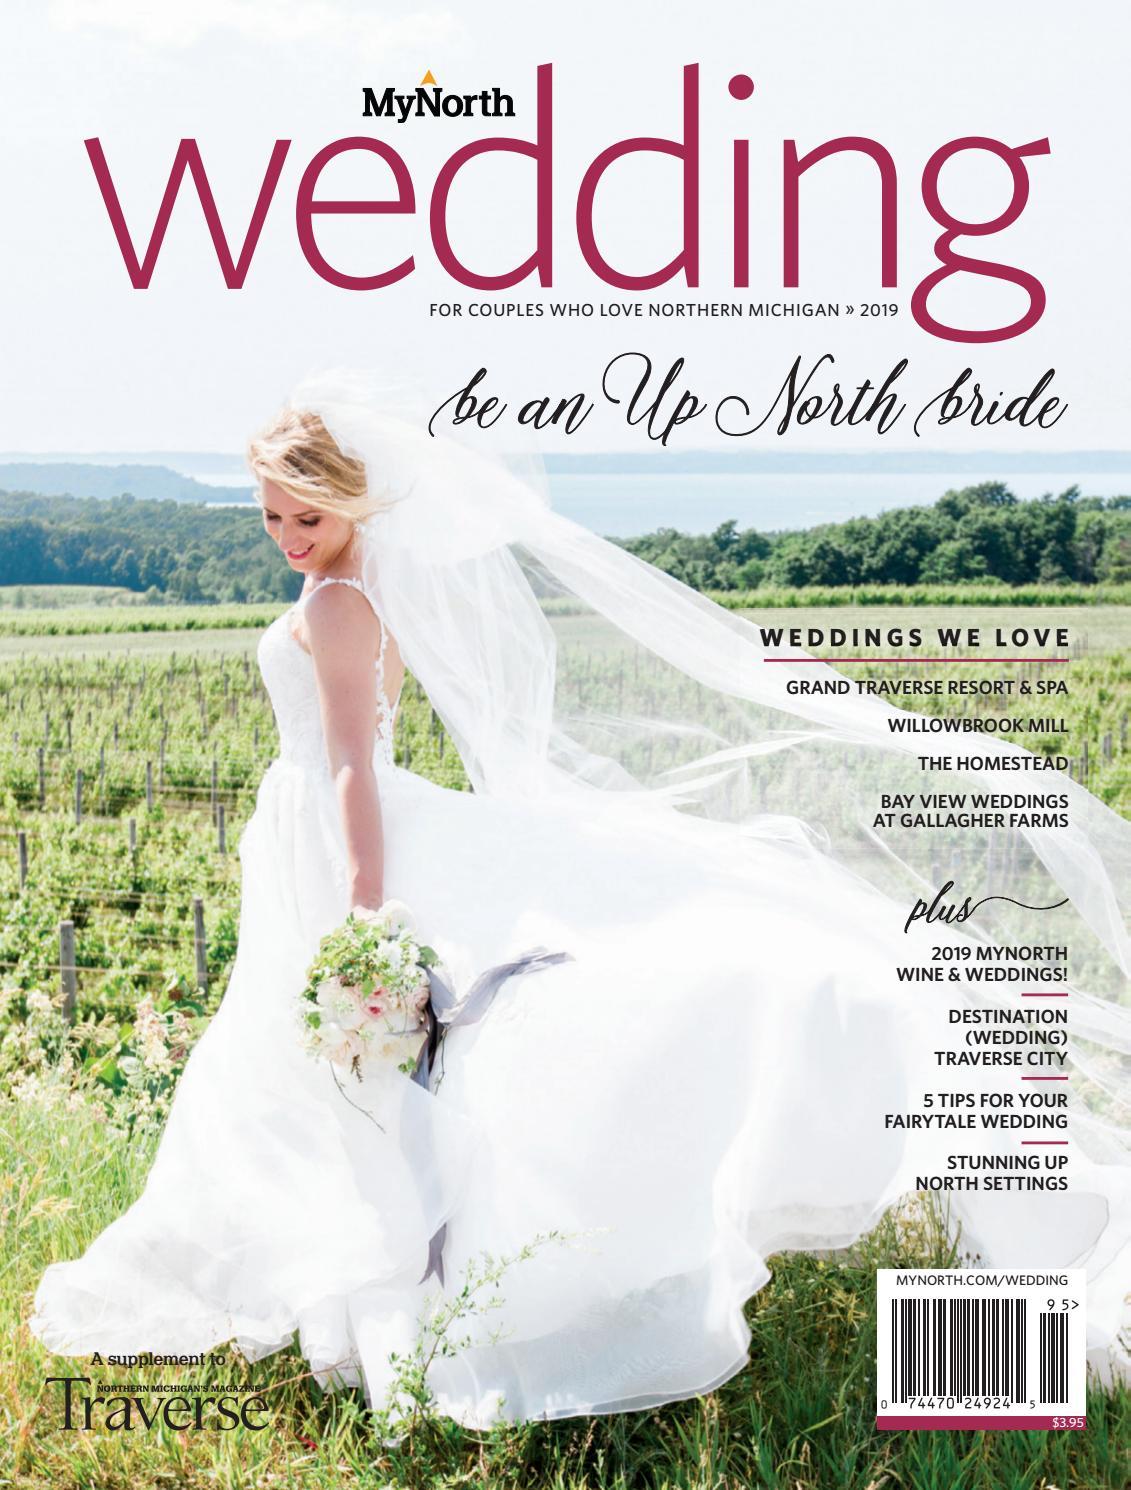 21316d16a7 Mynorth Weddings 2019 by MyNorth - issuu